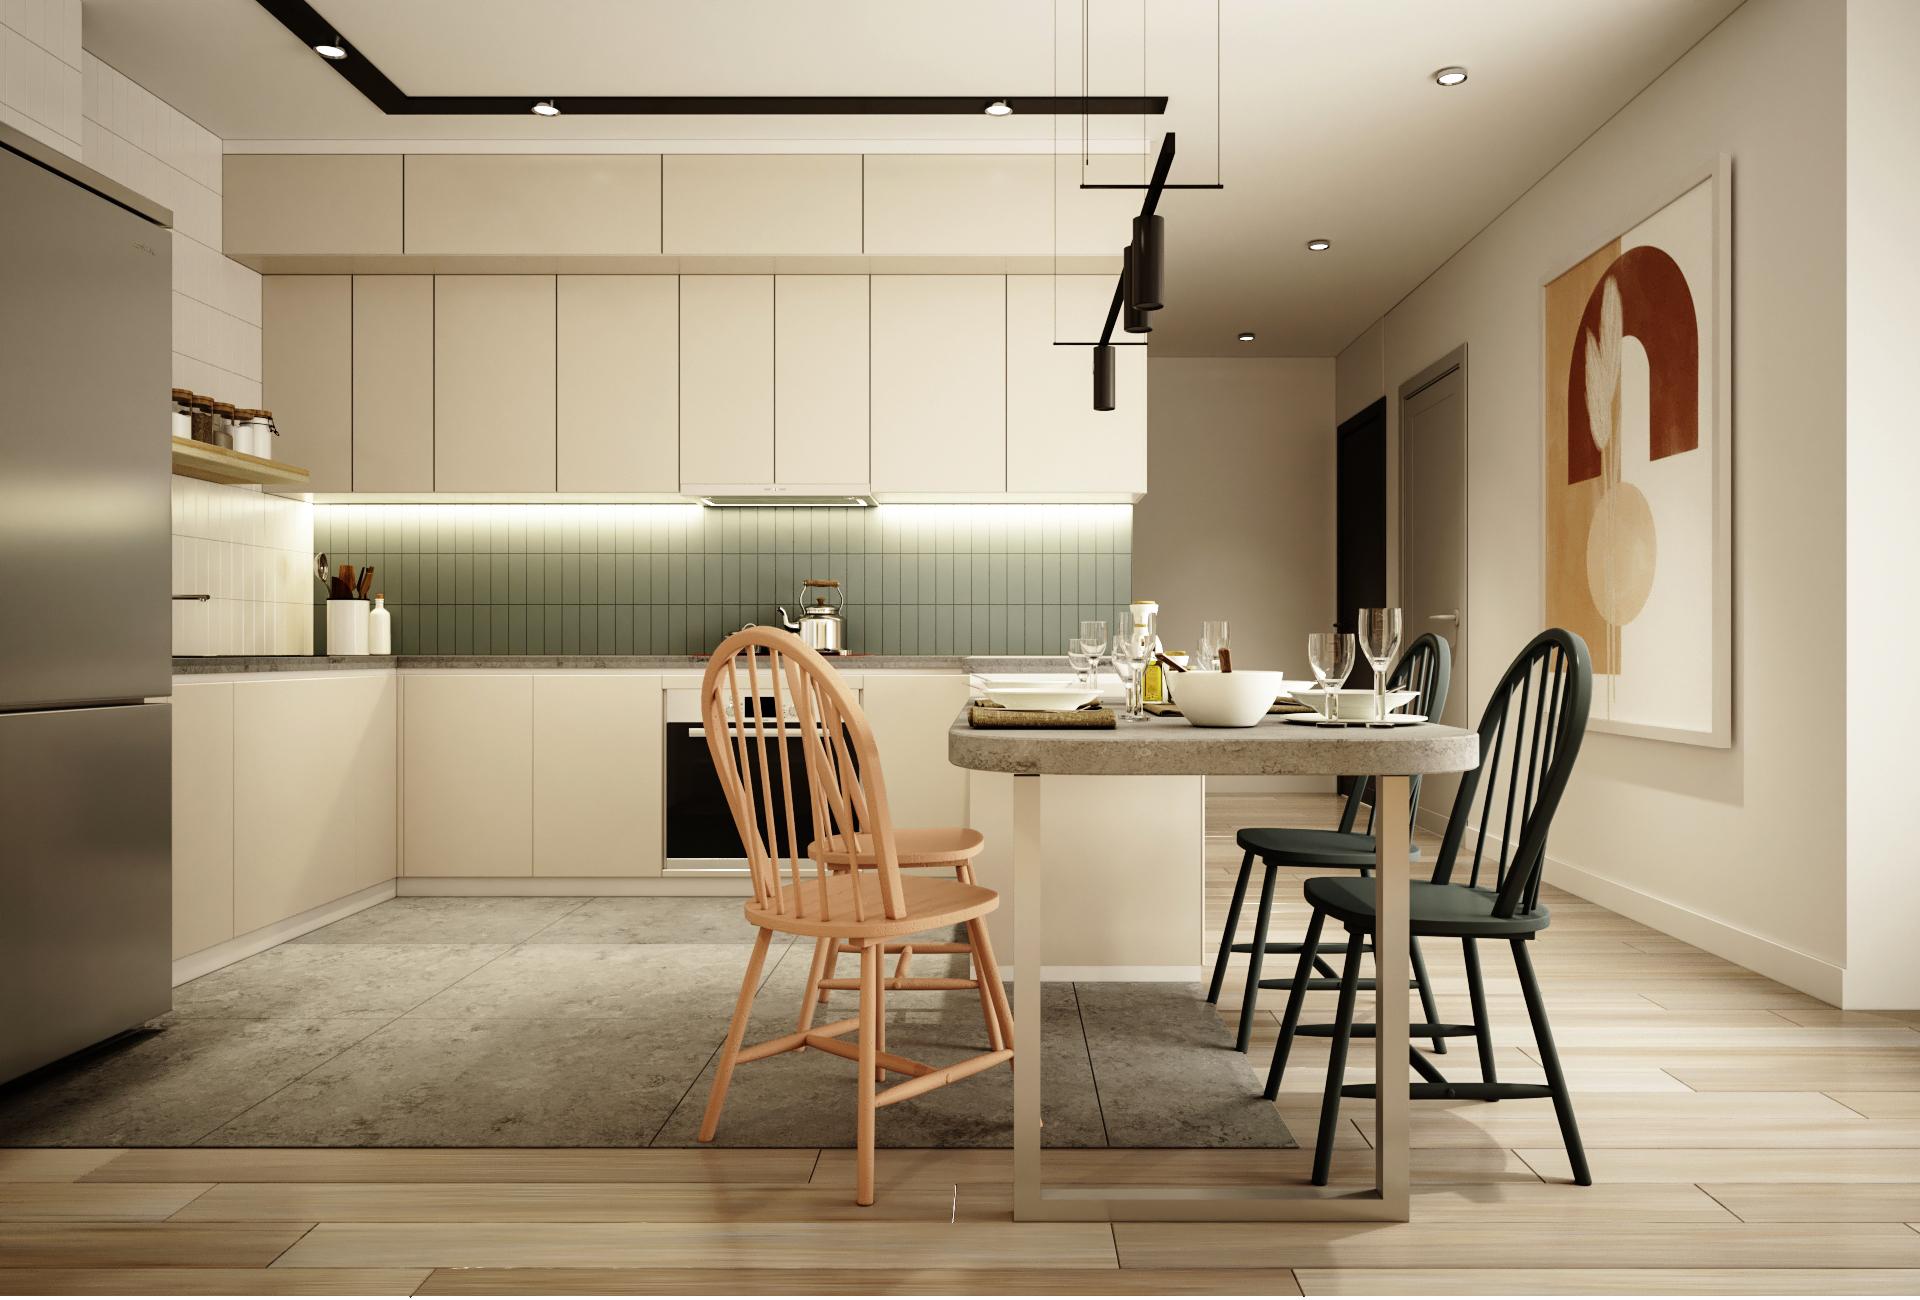 Đối với những không gian bếp nhỏ thì nên chọn những tủ bếp sáng màu để giúp tạo cảm giác nới rộng không gian và thông thoáng.